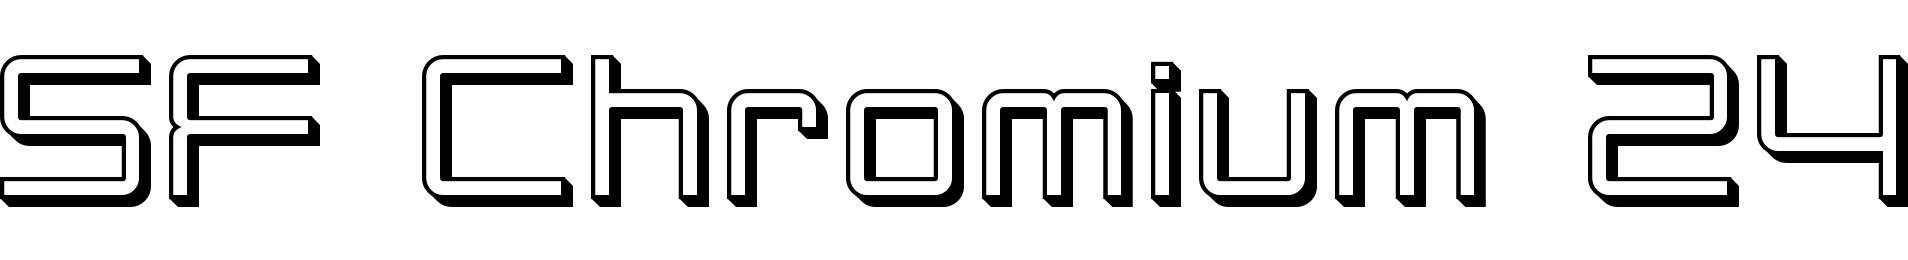 SF Chromium 24